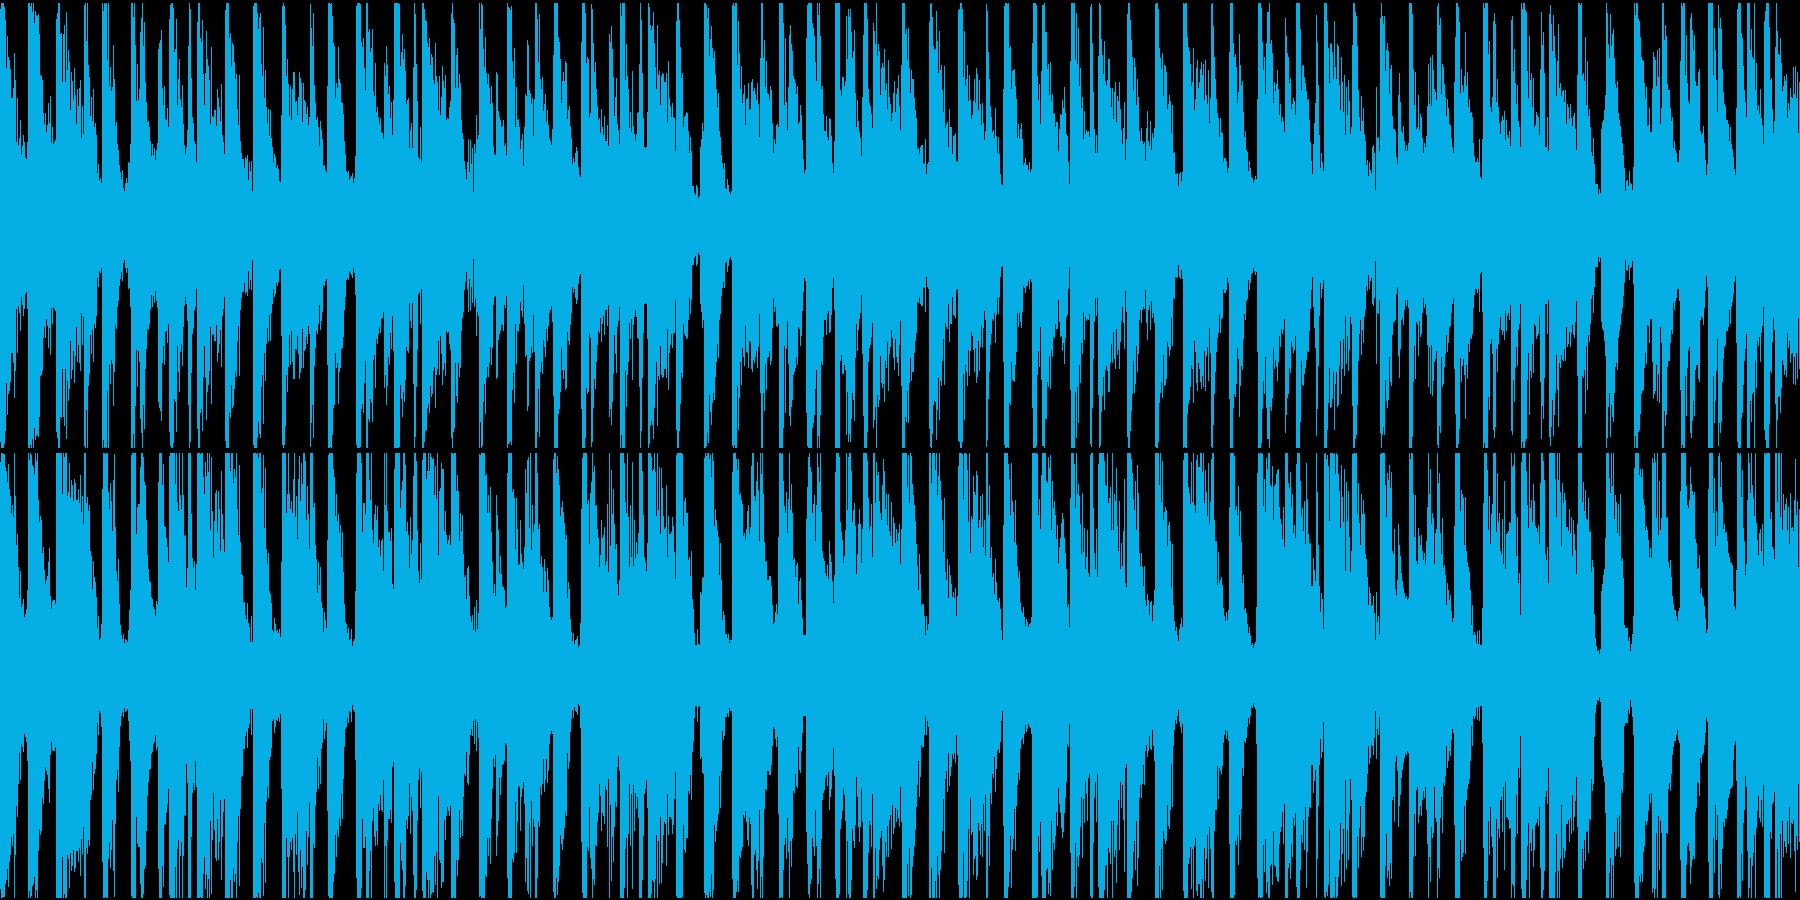 ハッピーで可愛い雰囲気 Loop用の再生済みの波形